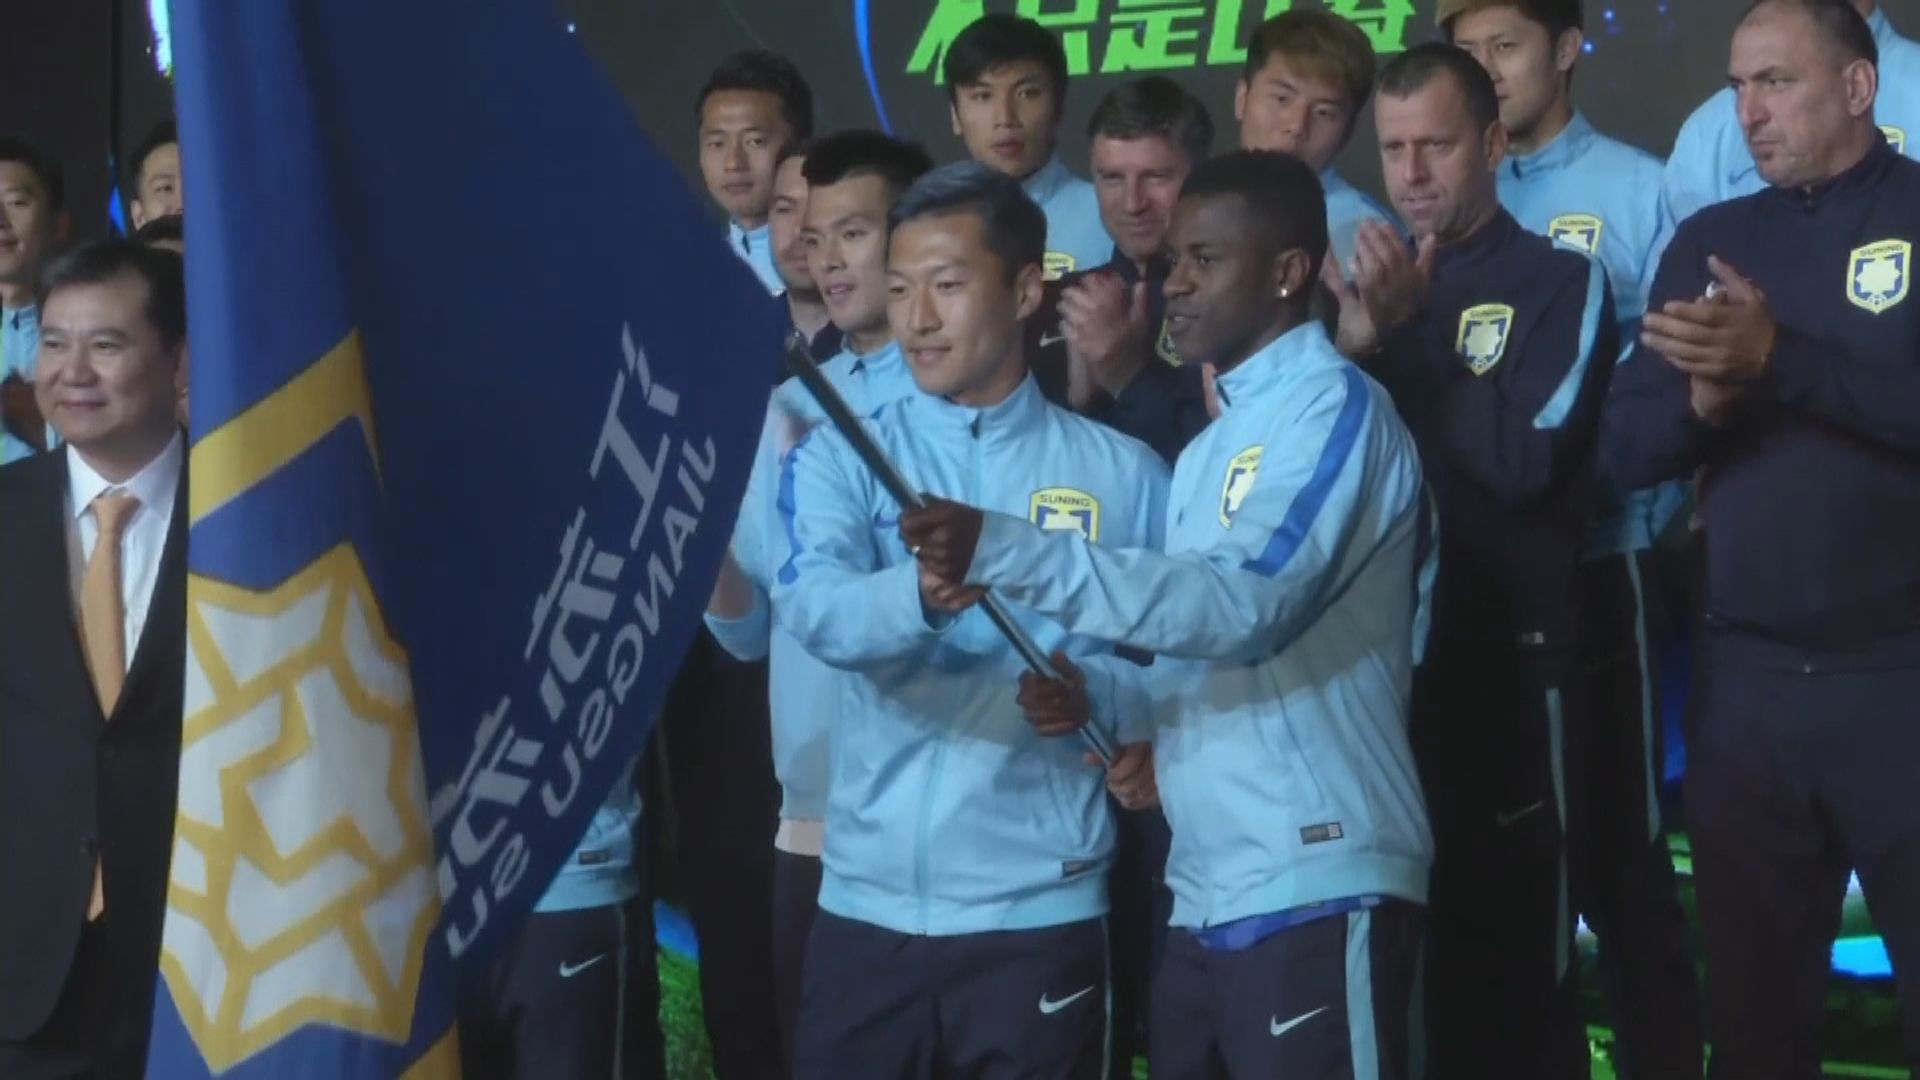 上賽季中超冠軍江蘇足球隊停止營運